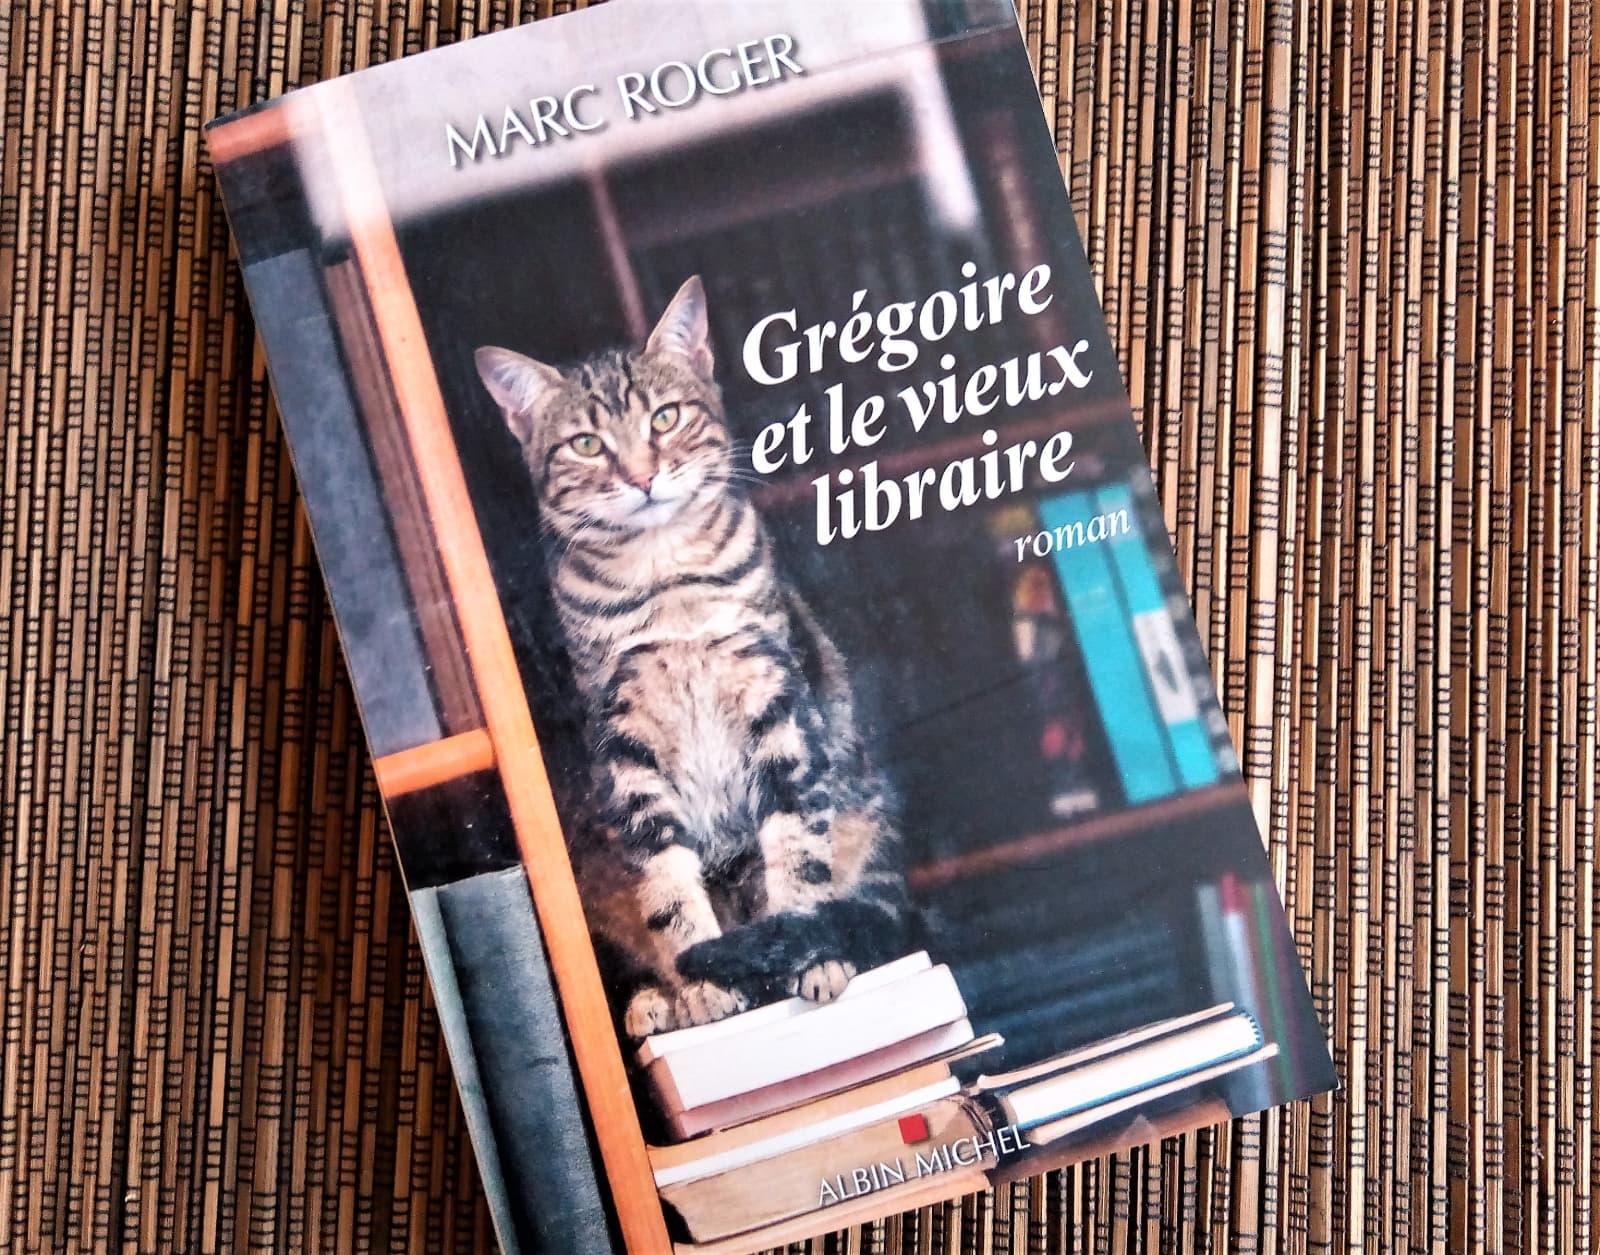 gregoire et le vieux libraire de marc roger aux éditions albin michel